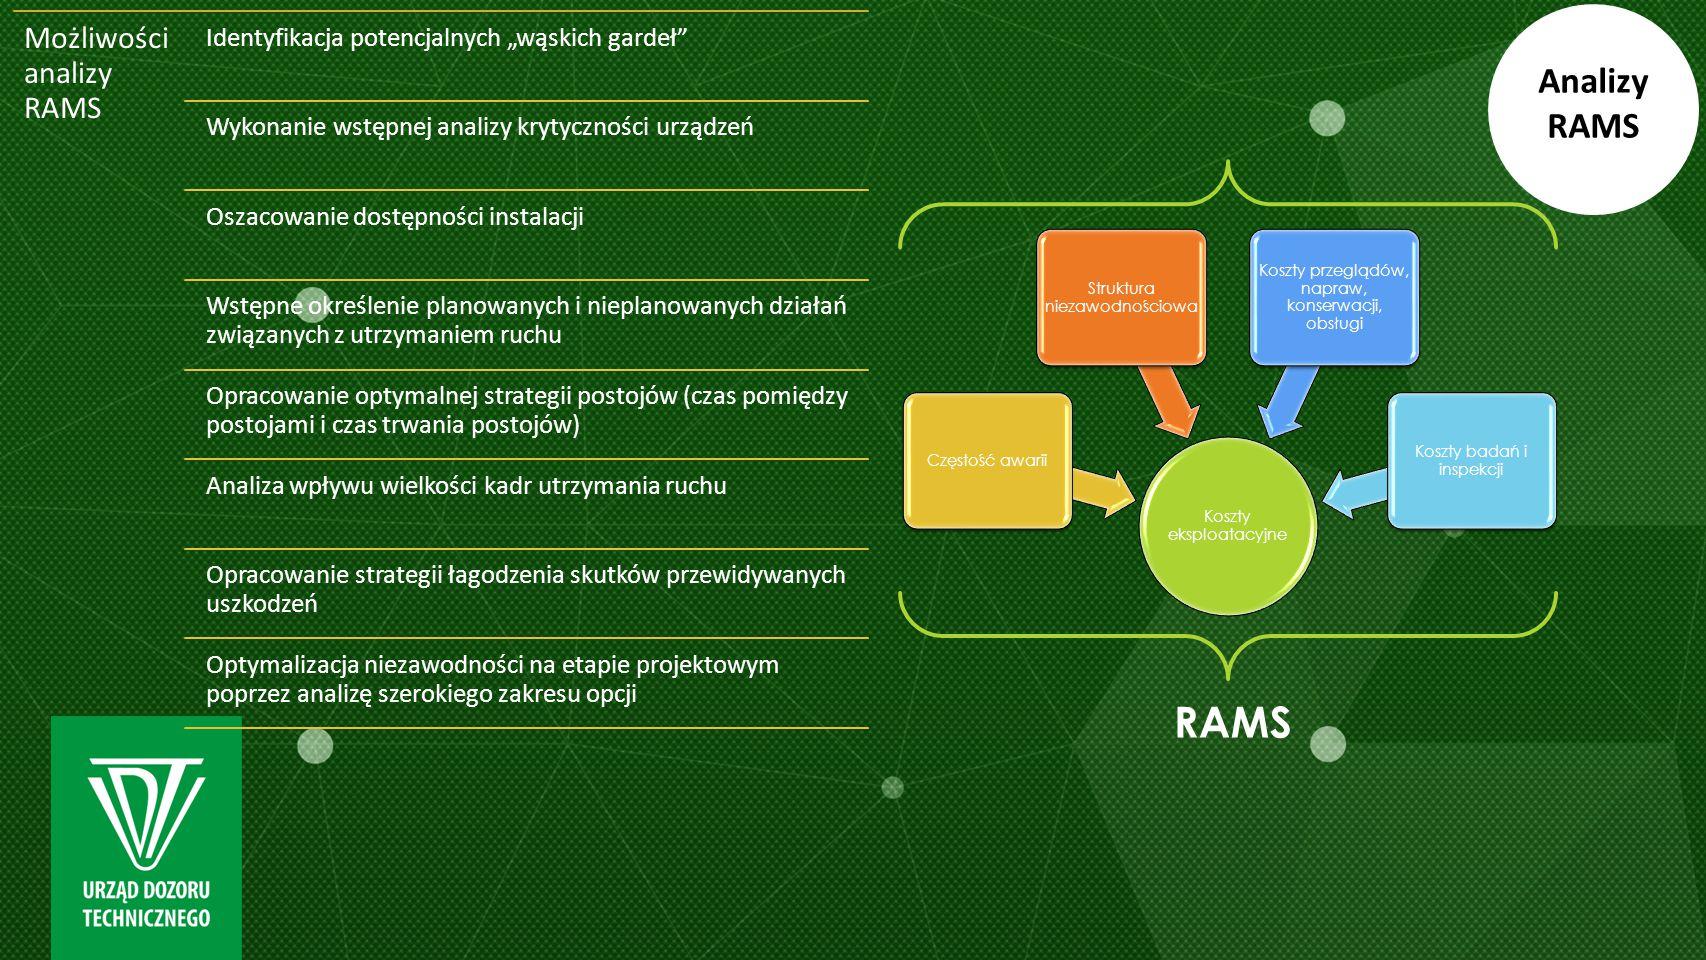 RAMS Analizy RAMS Możliwości analizy RAMS